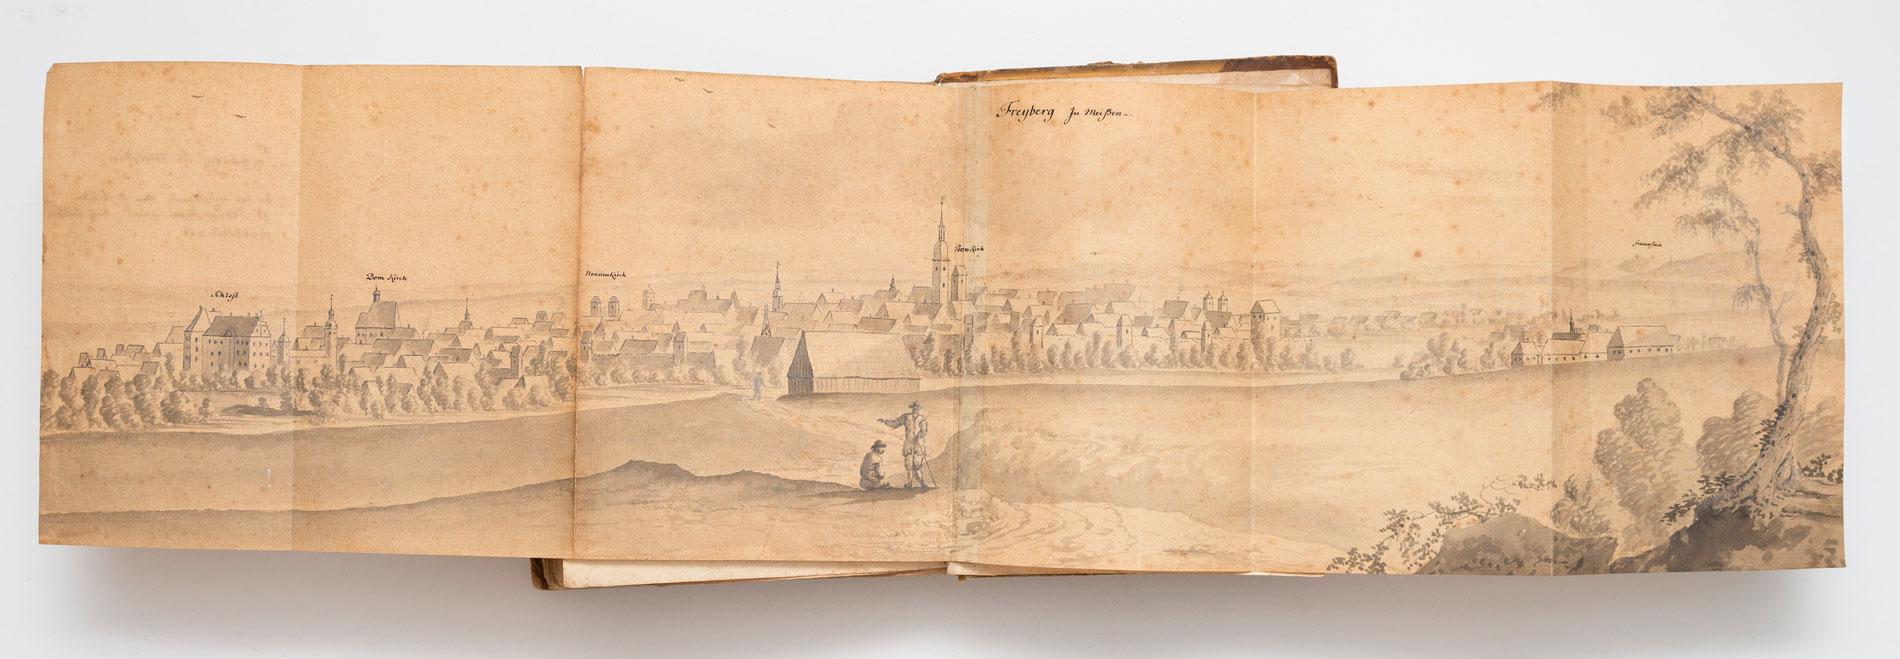 Johann Andreas Silbermann, Ansicht Freibergs aus: Anmerckungen derer Auf meiner Sächsischen Reysse gesehenen Merckwürdigkeiten, 1741; © SLUB Dresden/Henrik Ahlers